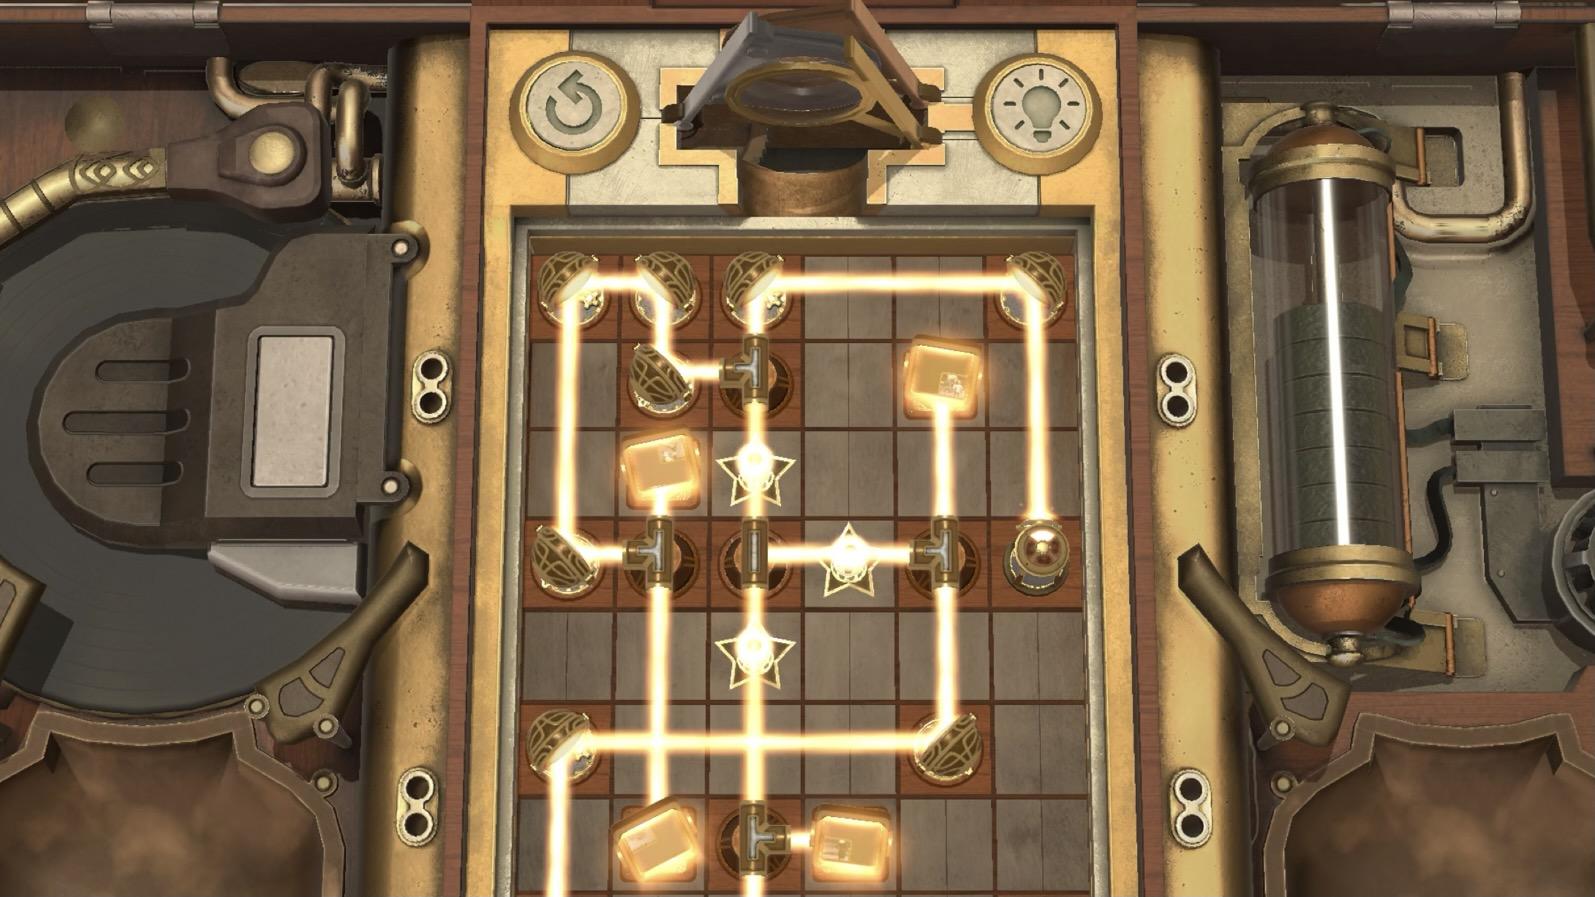 Apple Arcade new game lumen 2/5